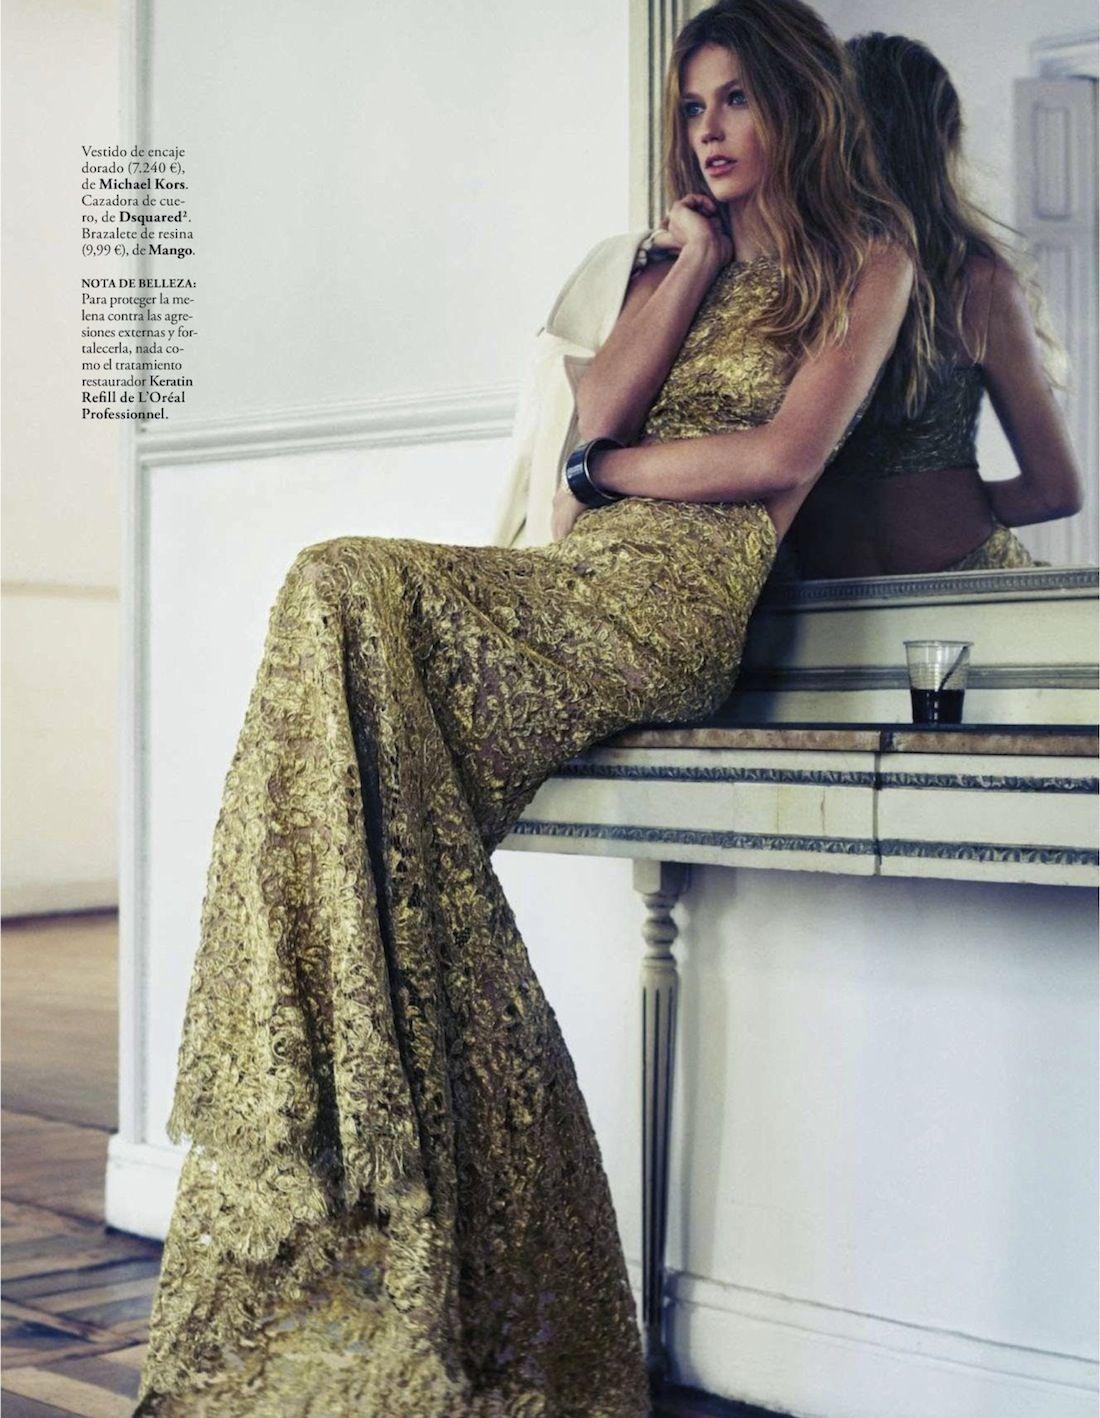 Masha-Novoselova-Xavi-Gordo-Elle-Spain-January-2013-4